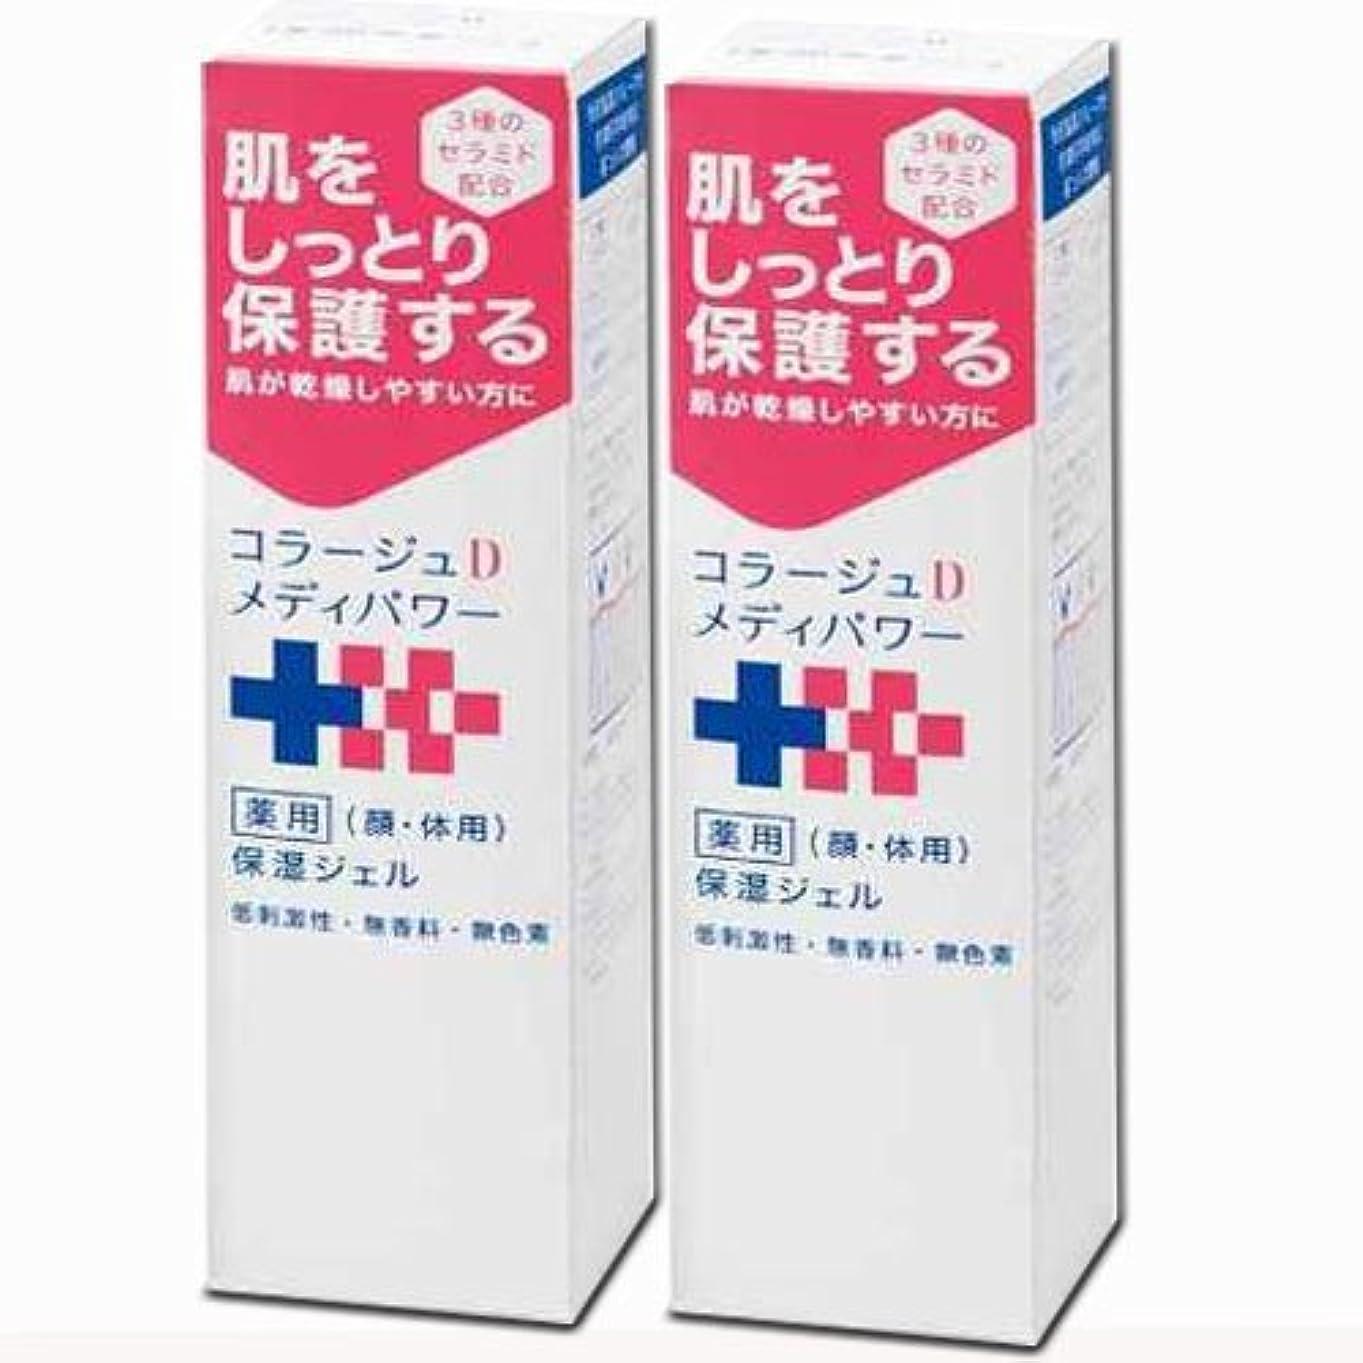 ディレクター新鮮なショット【2個】持田製薬コラージュDメディパワー保湿ジェル 150ml×2個 (4987767650012-2)